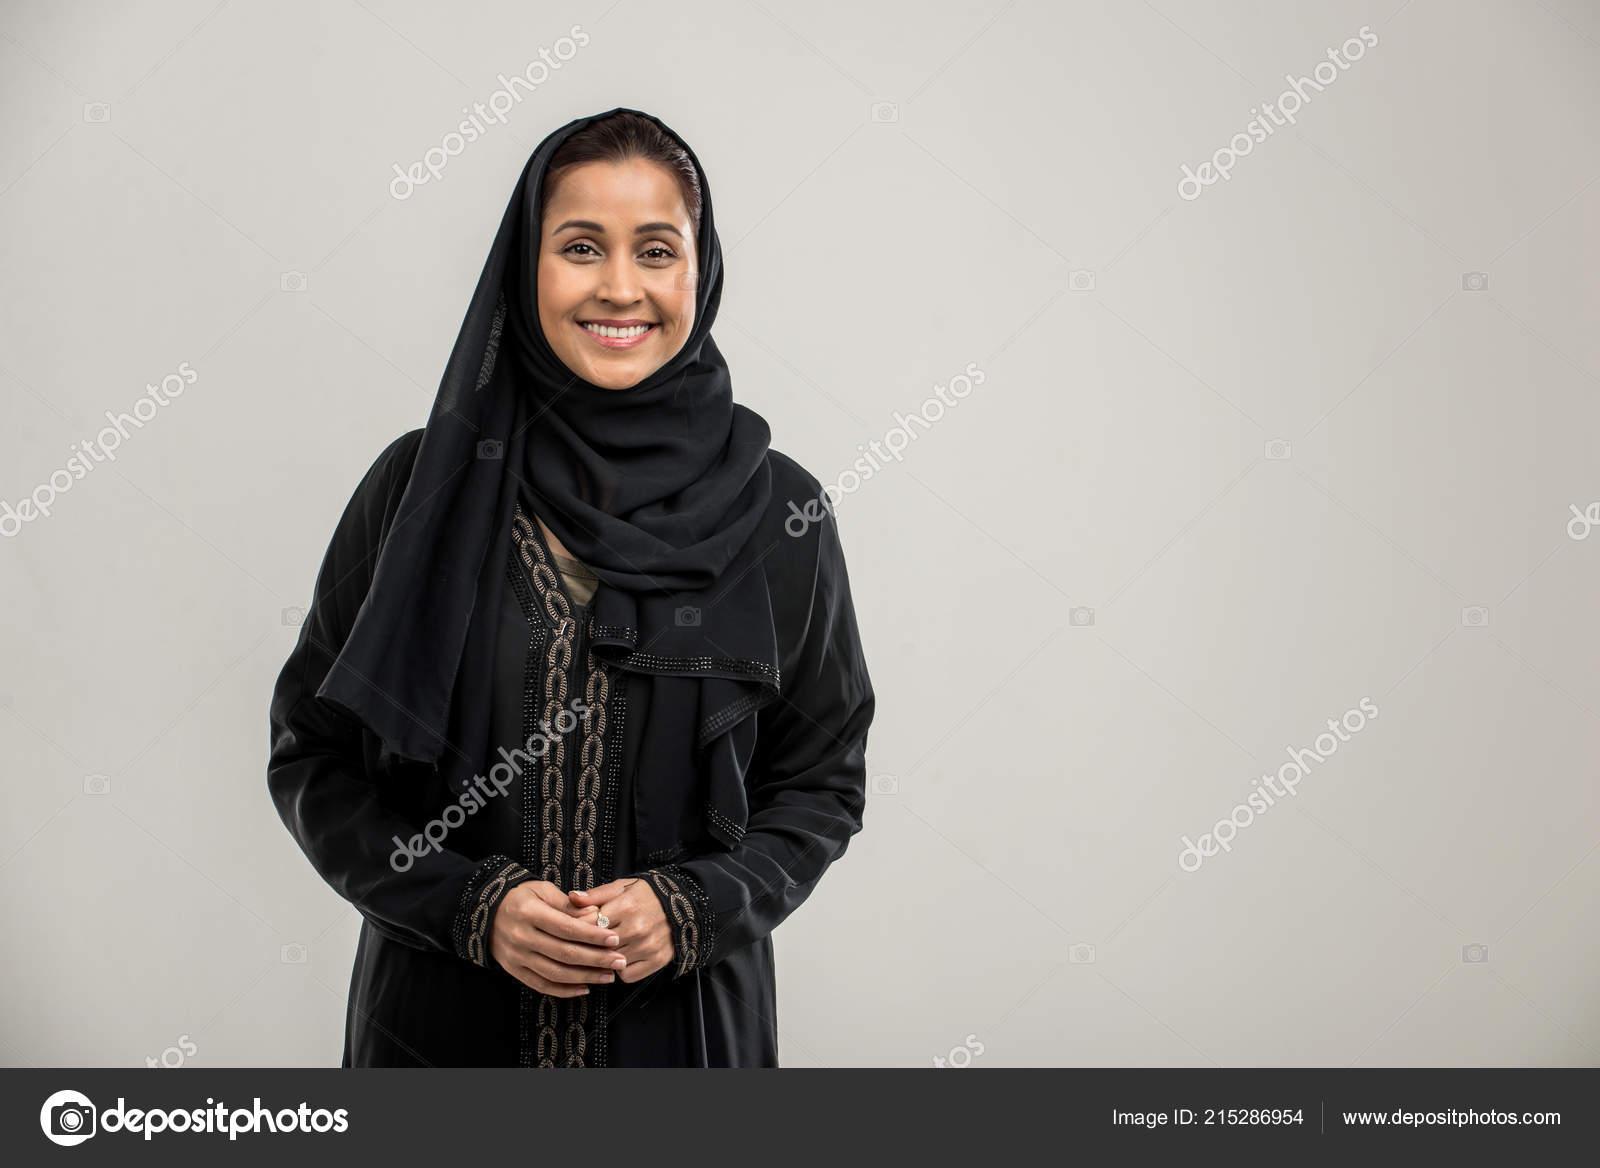 c07f69db7 Retrato Mujer Árabe Con Abaya Tradicional Vestido Estudio — Foto de ...